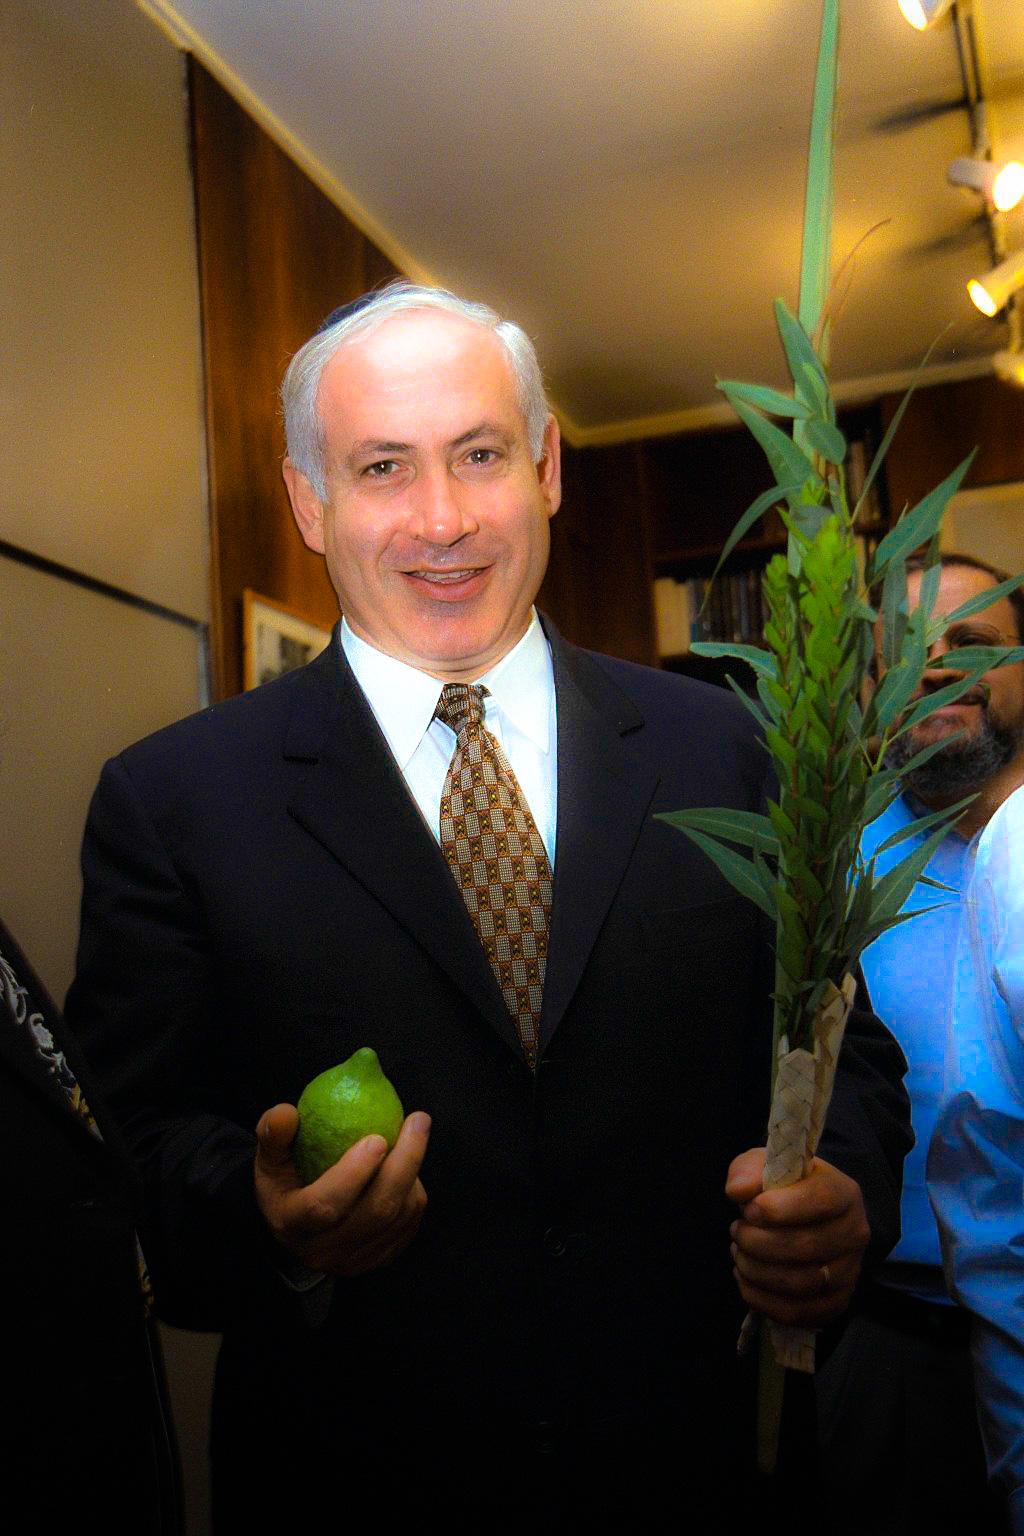 Israeli Prime Minister Benjamin Netanyahu holds the lulav and the etrog (citron) of Sukkot.